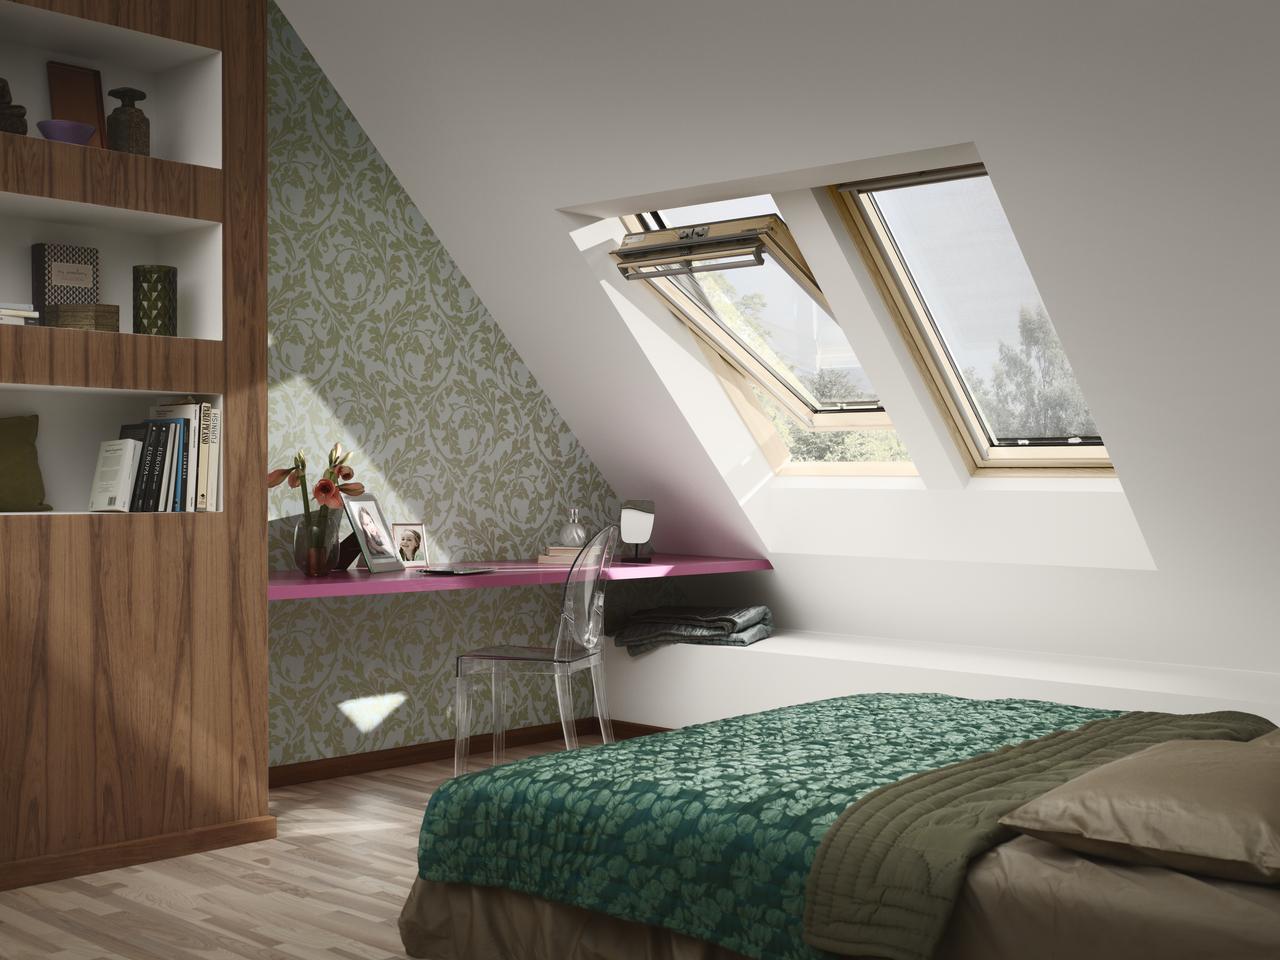 fereastr de mansard velux ggl 3060 cu operare de sus. Black Bedroom Furniture Sets. Home Design Ideas